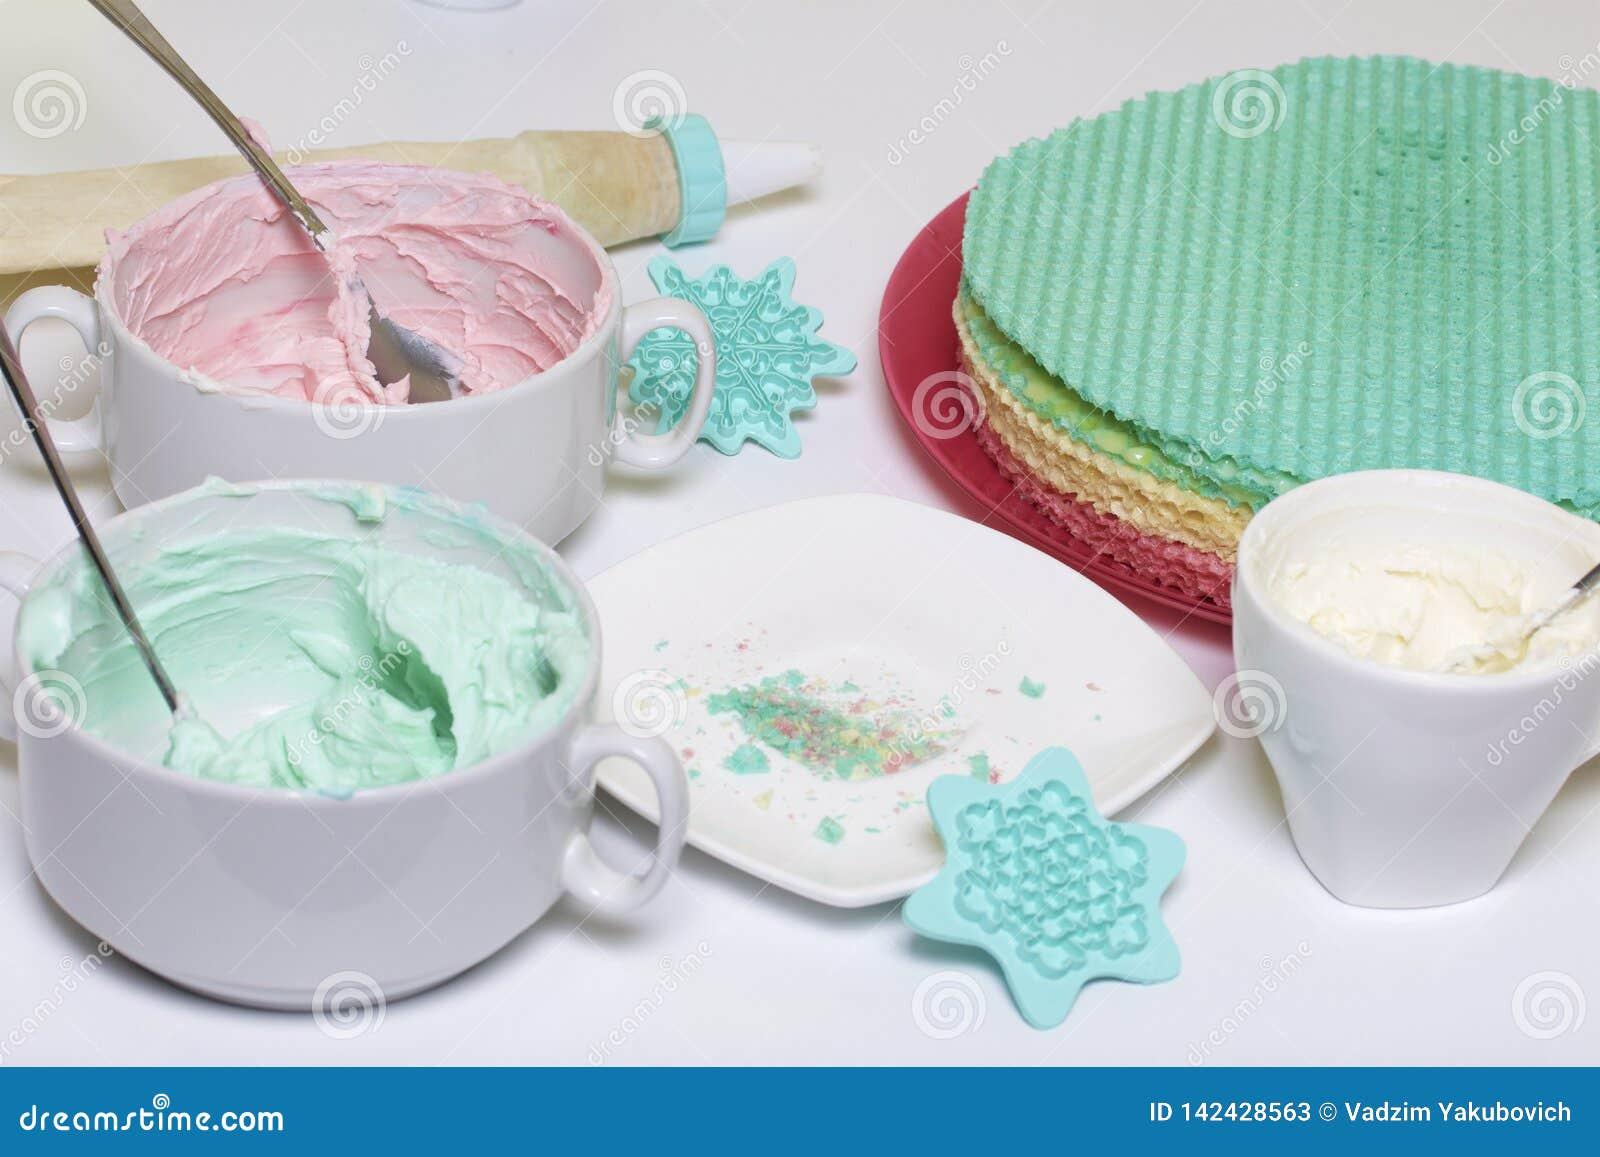 Creme von verschiedenen Farben für die Verzierung des Waffelkuchens Oblatekuchen von verschiedenen Farben Für die Herstellung des